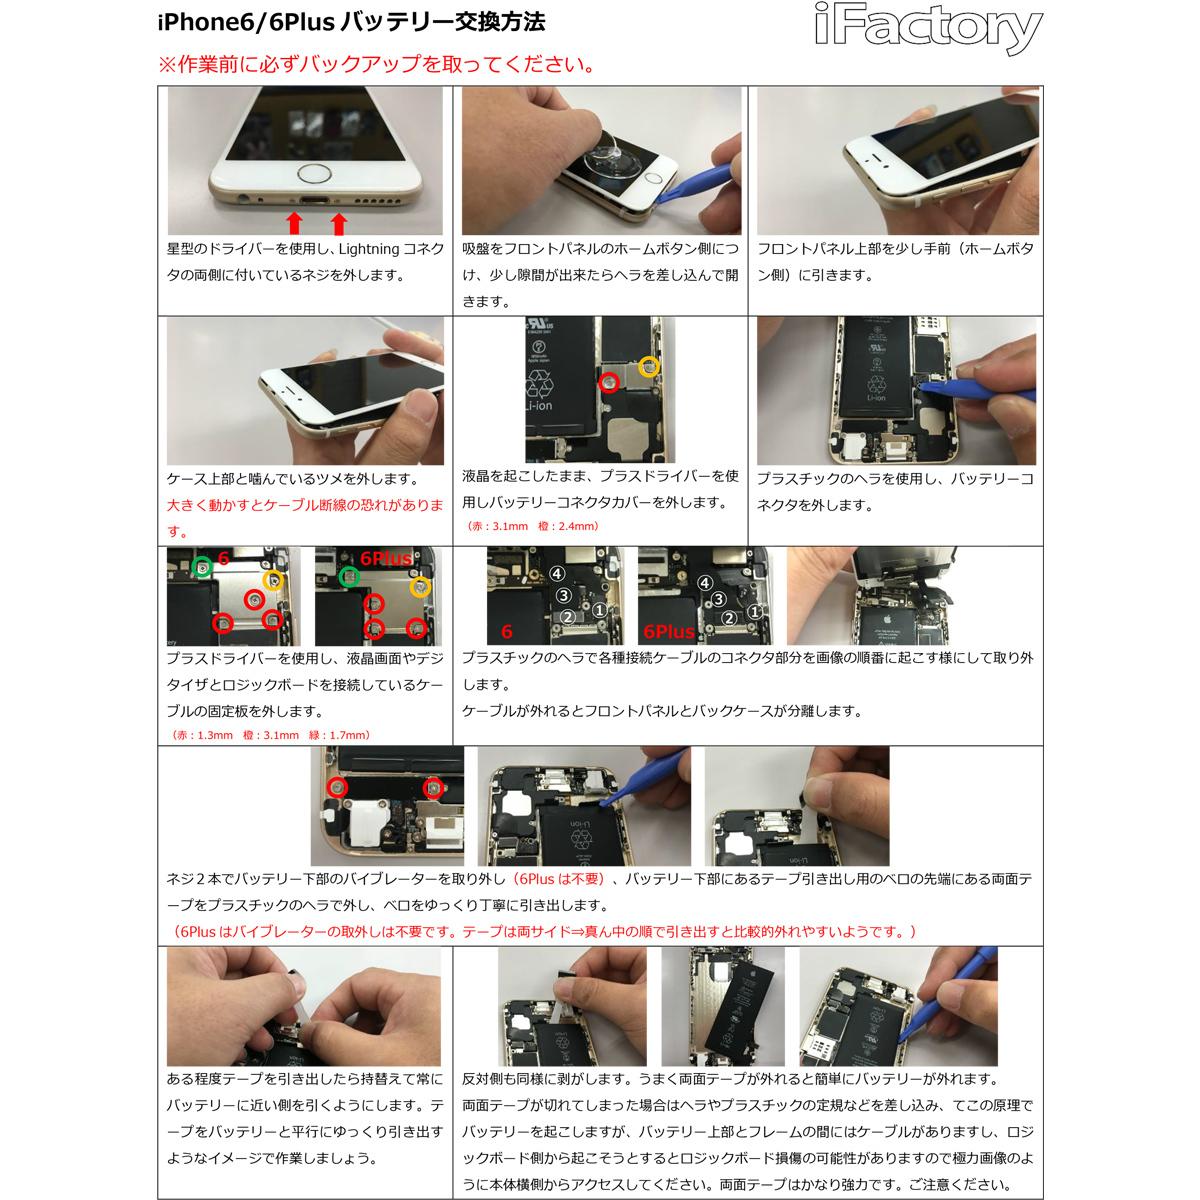 【ネコポス】【1年間保証】iPhone6 大容量互換バッテリー 高品質 Ver.2019 PSE準拠 工具セット 修理 交換 リペア パーツ 新入荷【1年間保証】